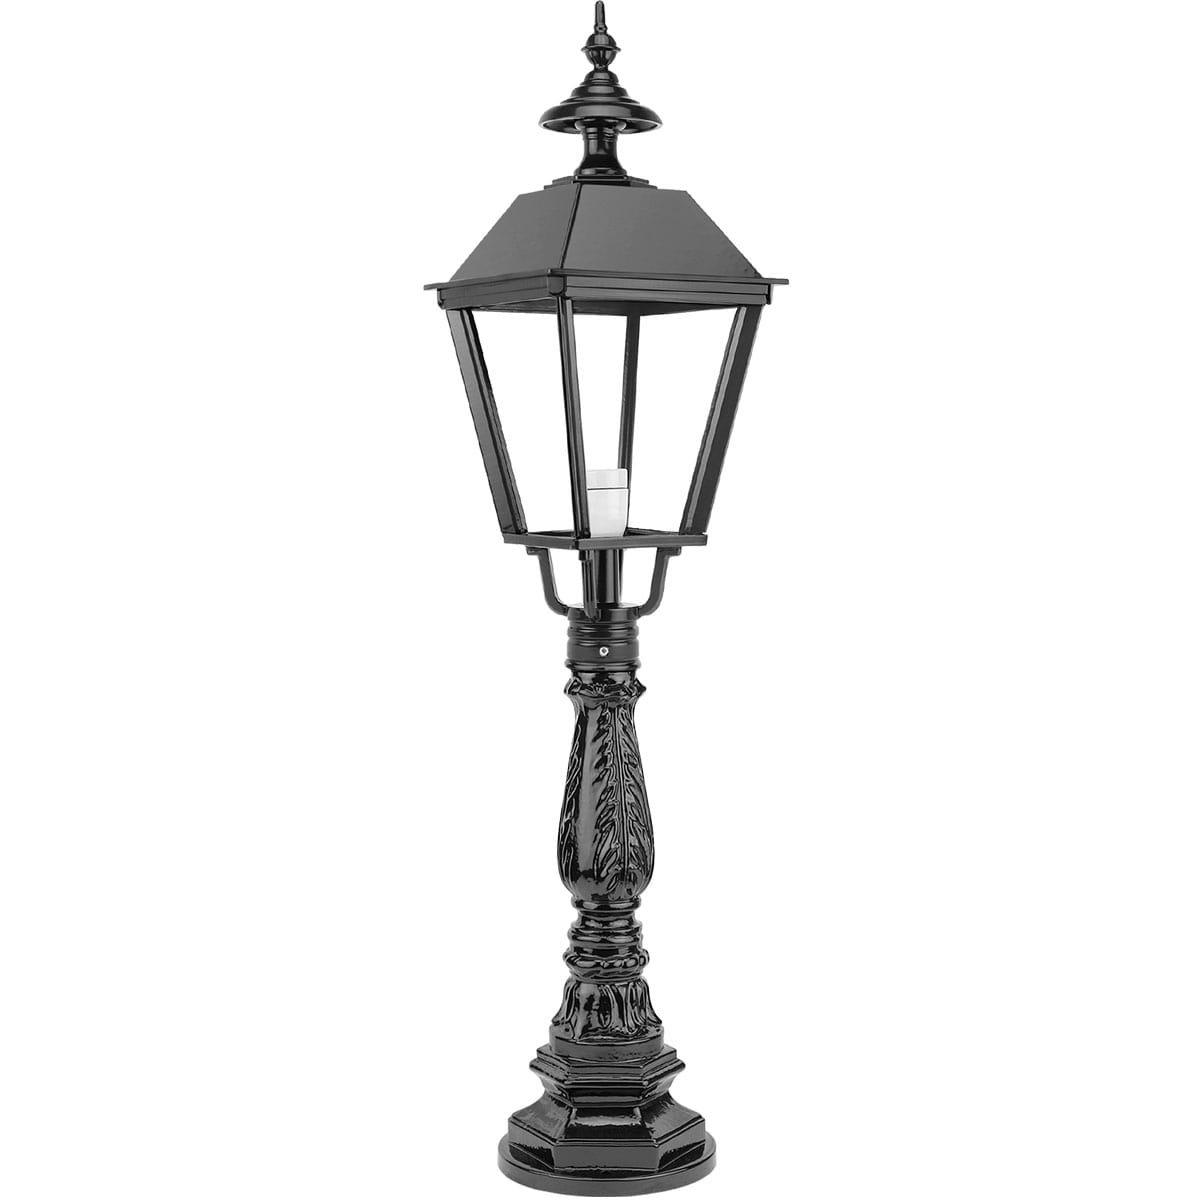 Buitenverlichting Klassiek Landelijk Staande Terraslamp Buitenlantaarn